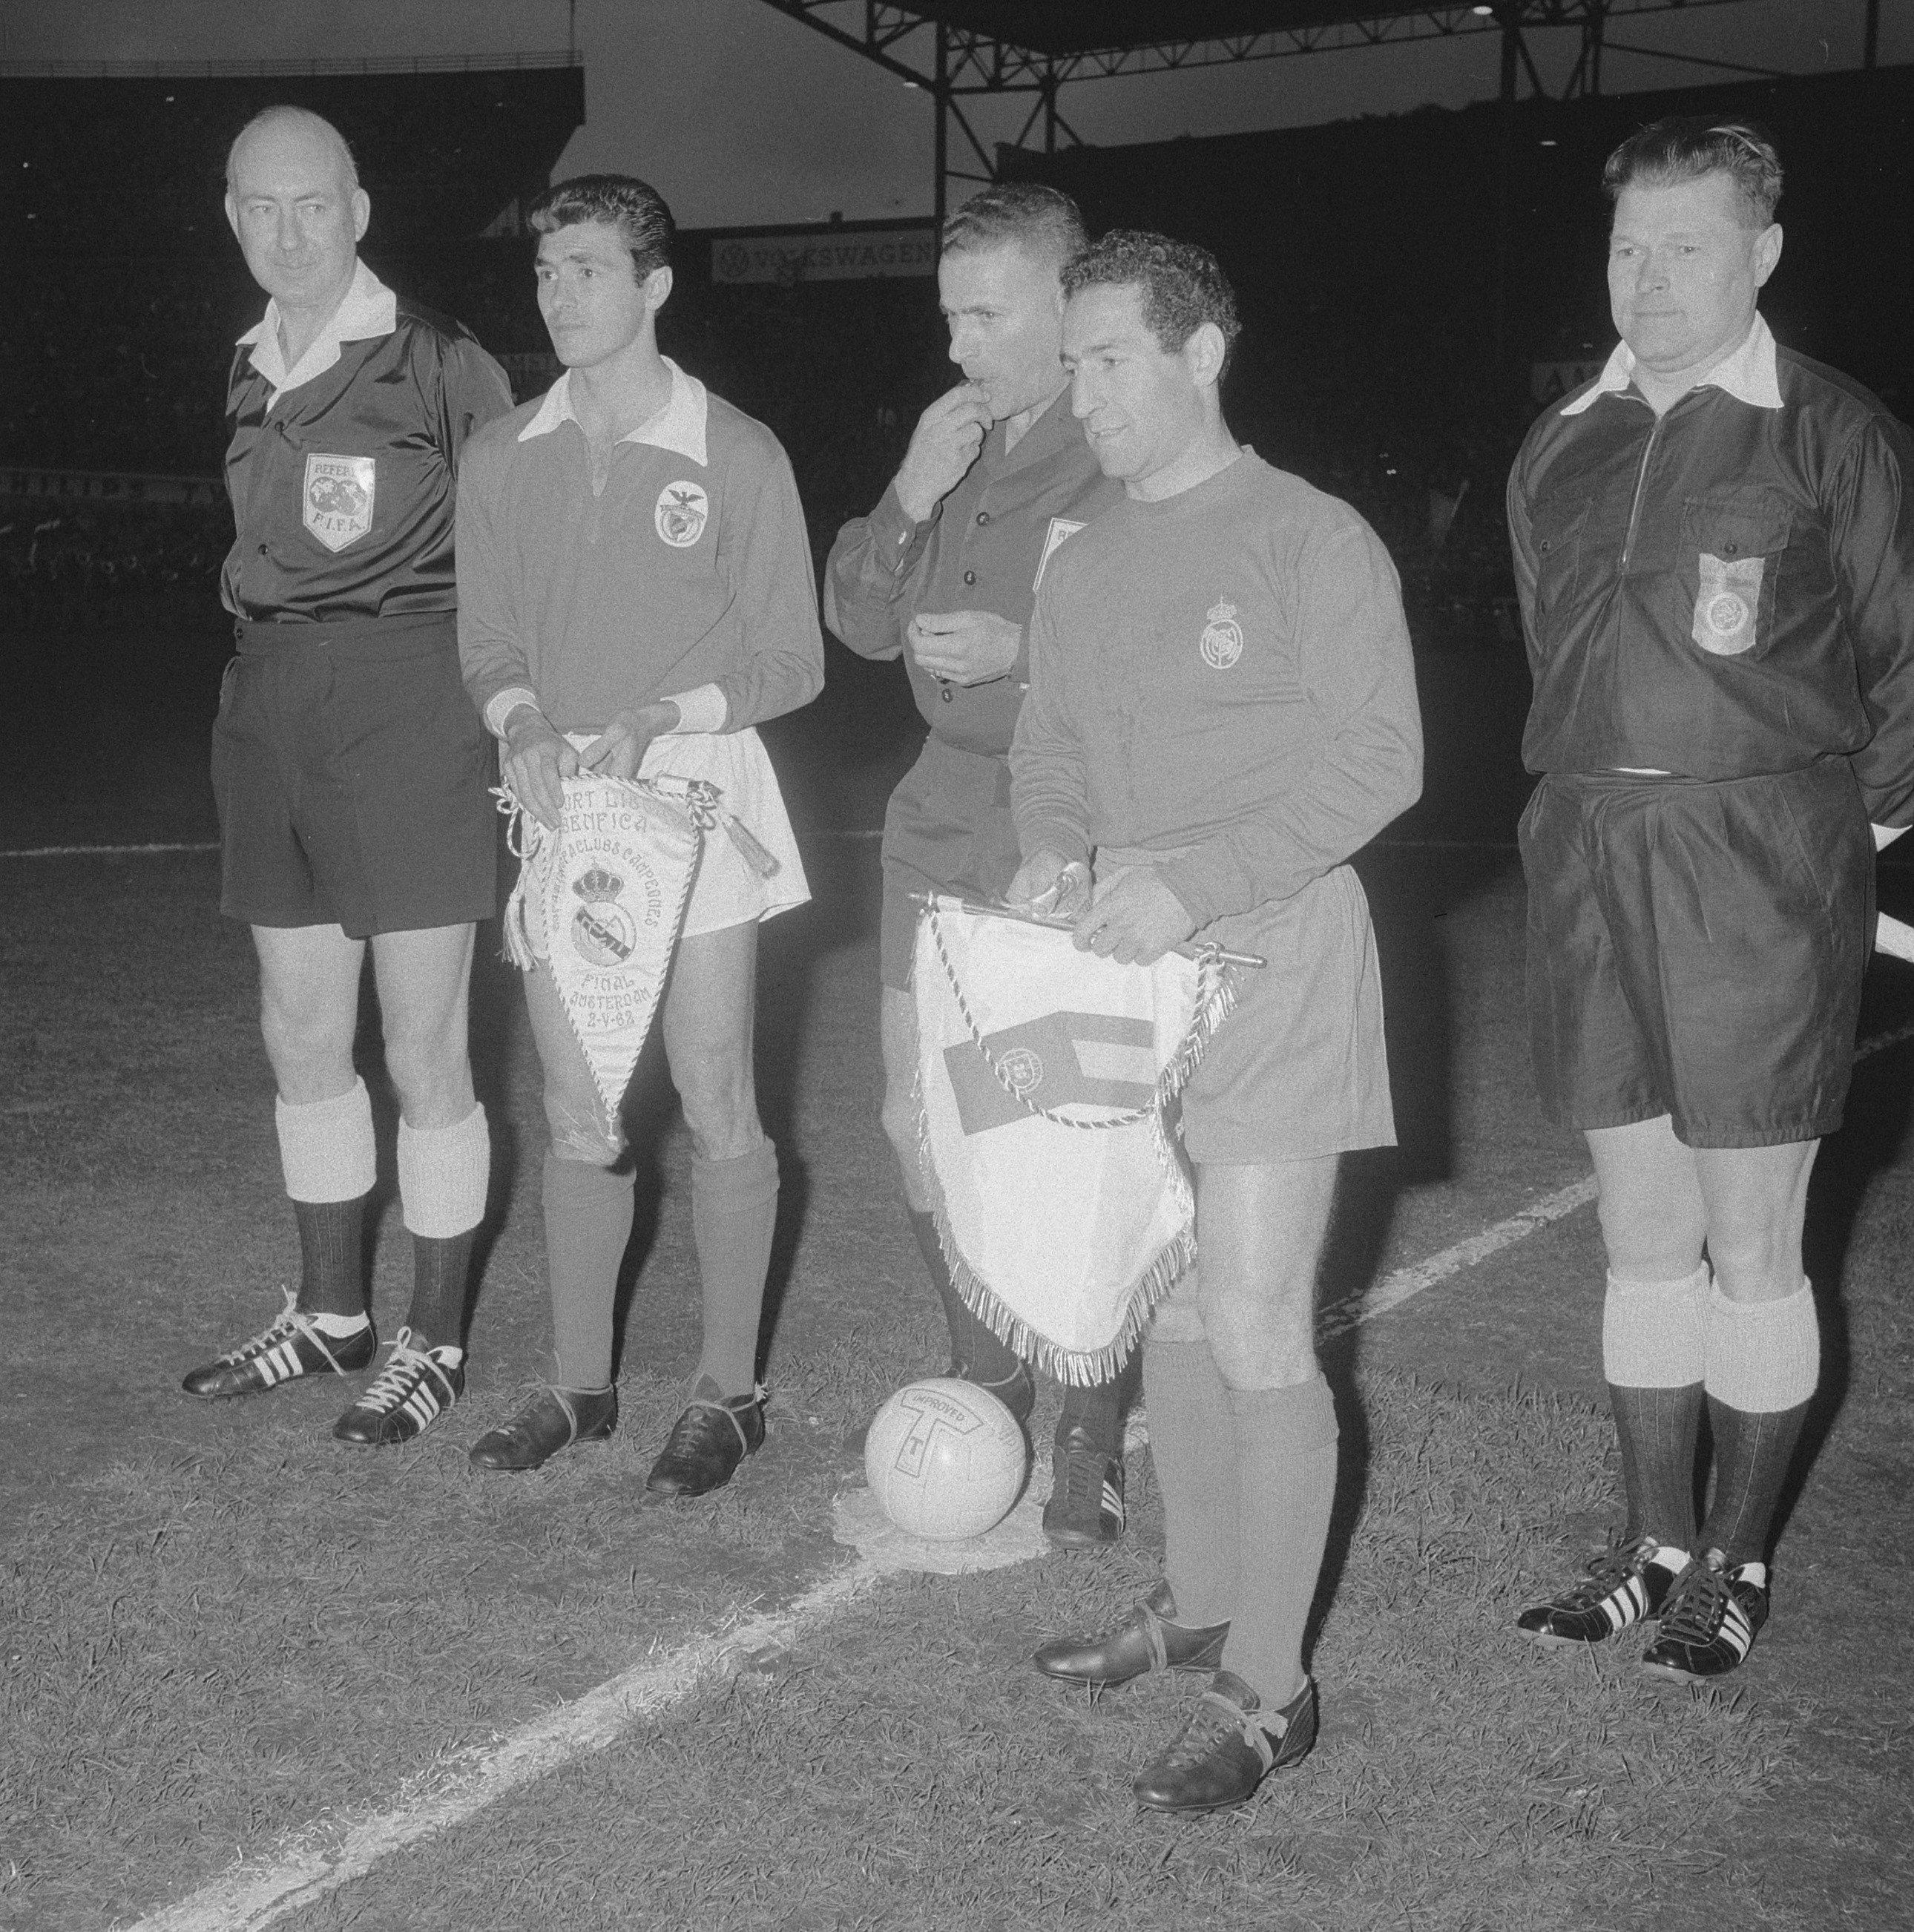 Depiction of Copa de Campeones de Europa 1961-62